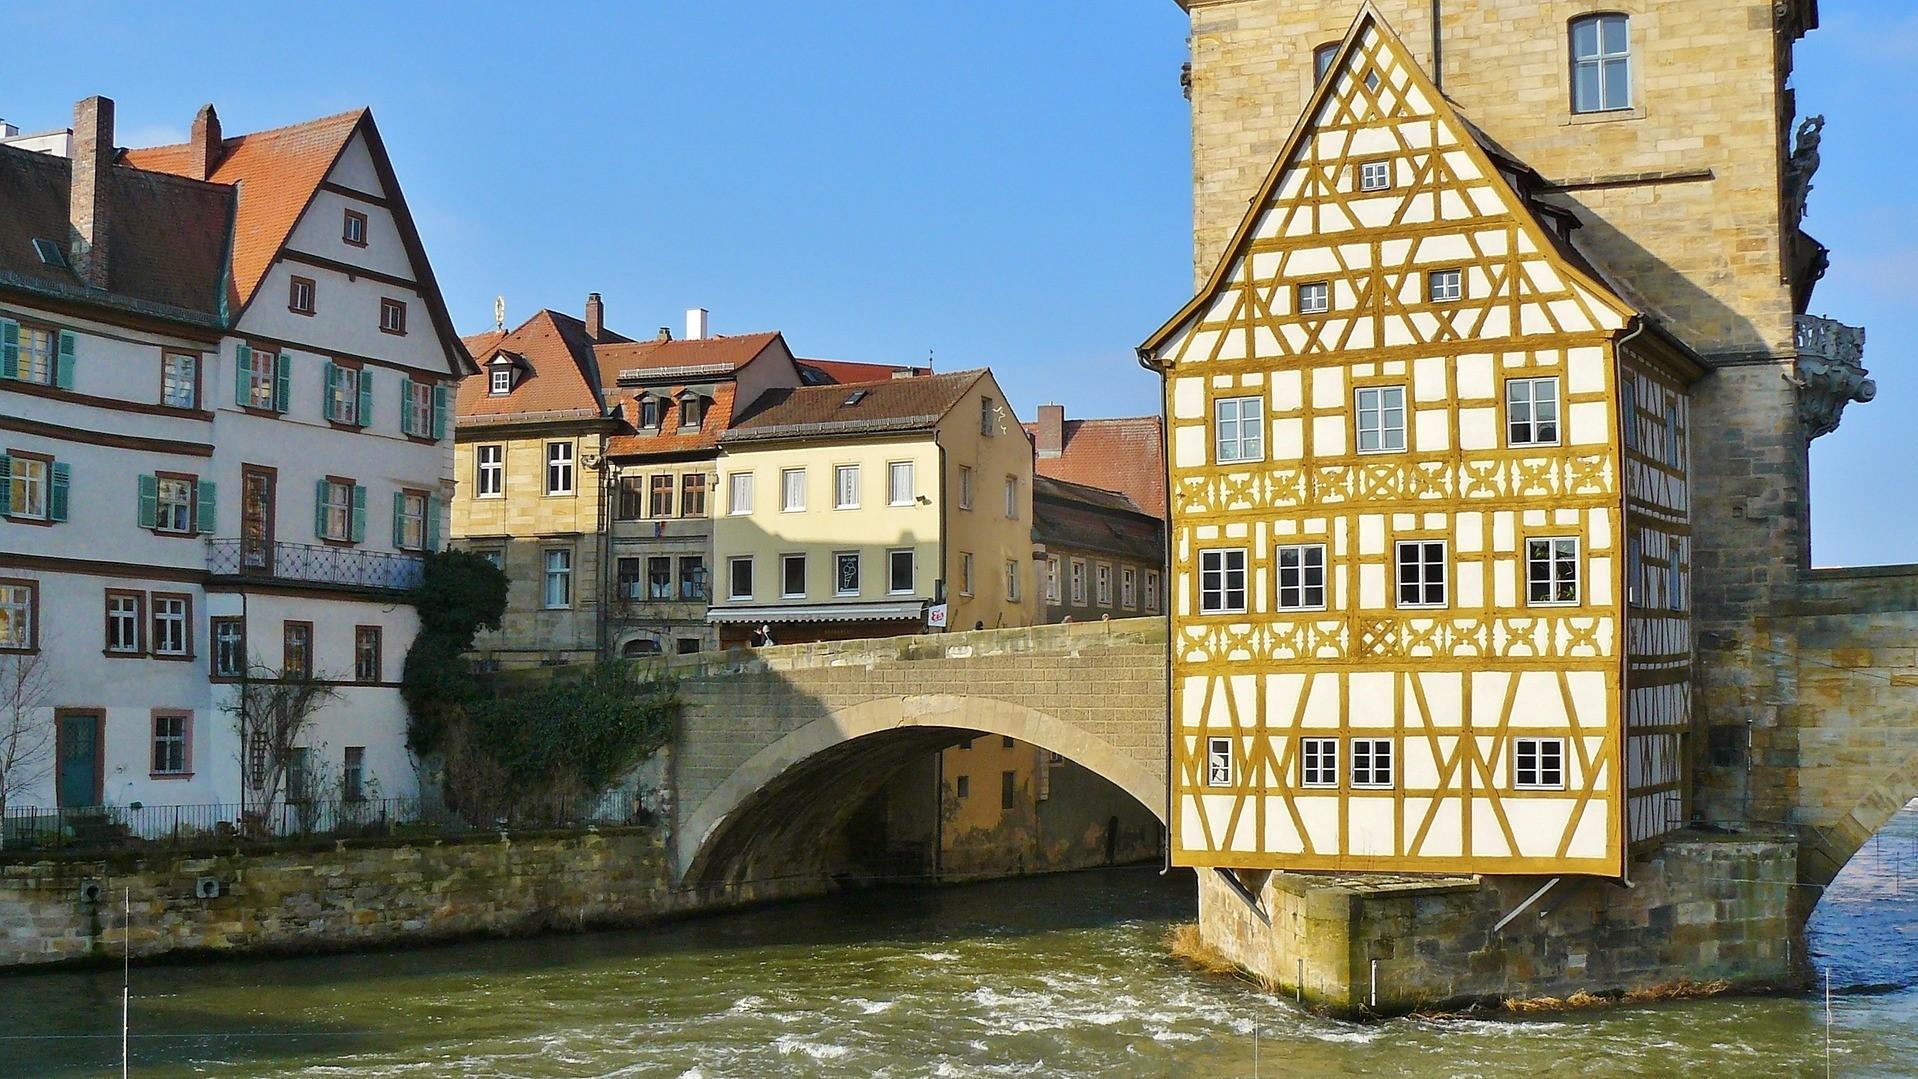 Rathaus in Bamberg über die Regnitz